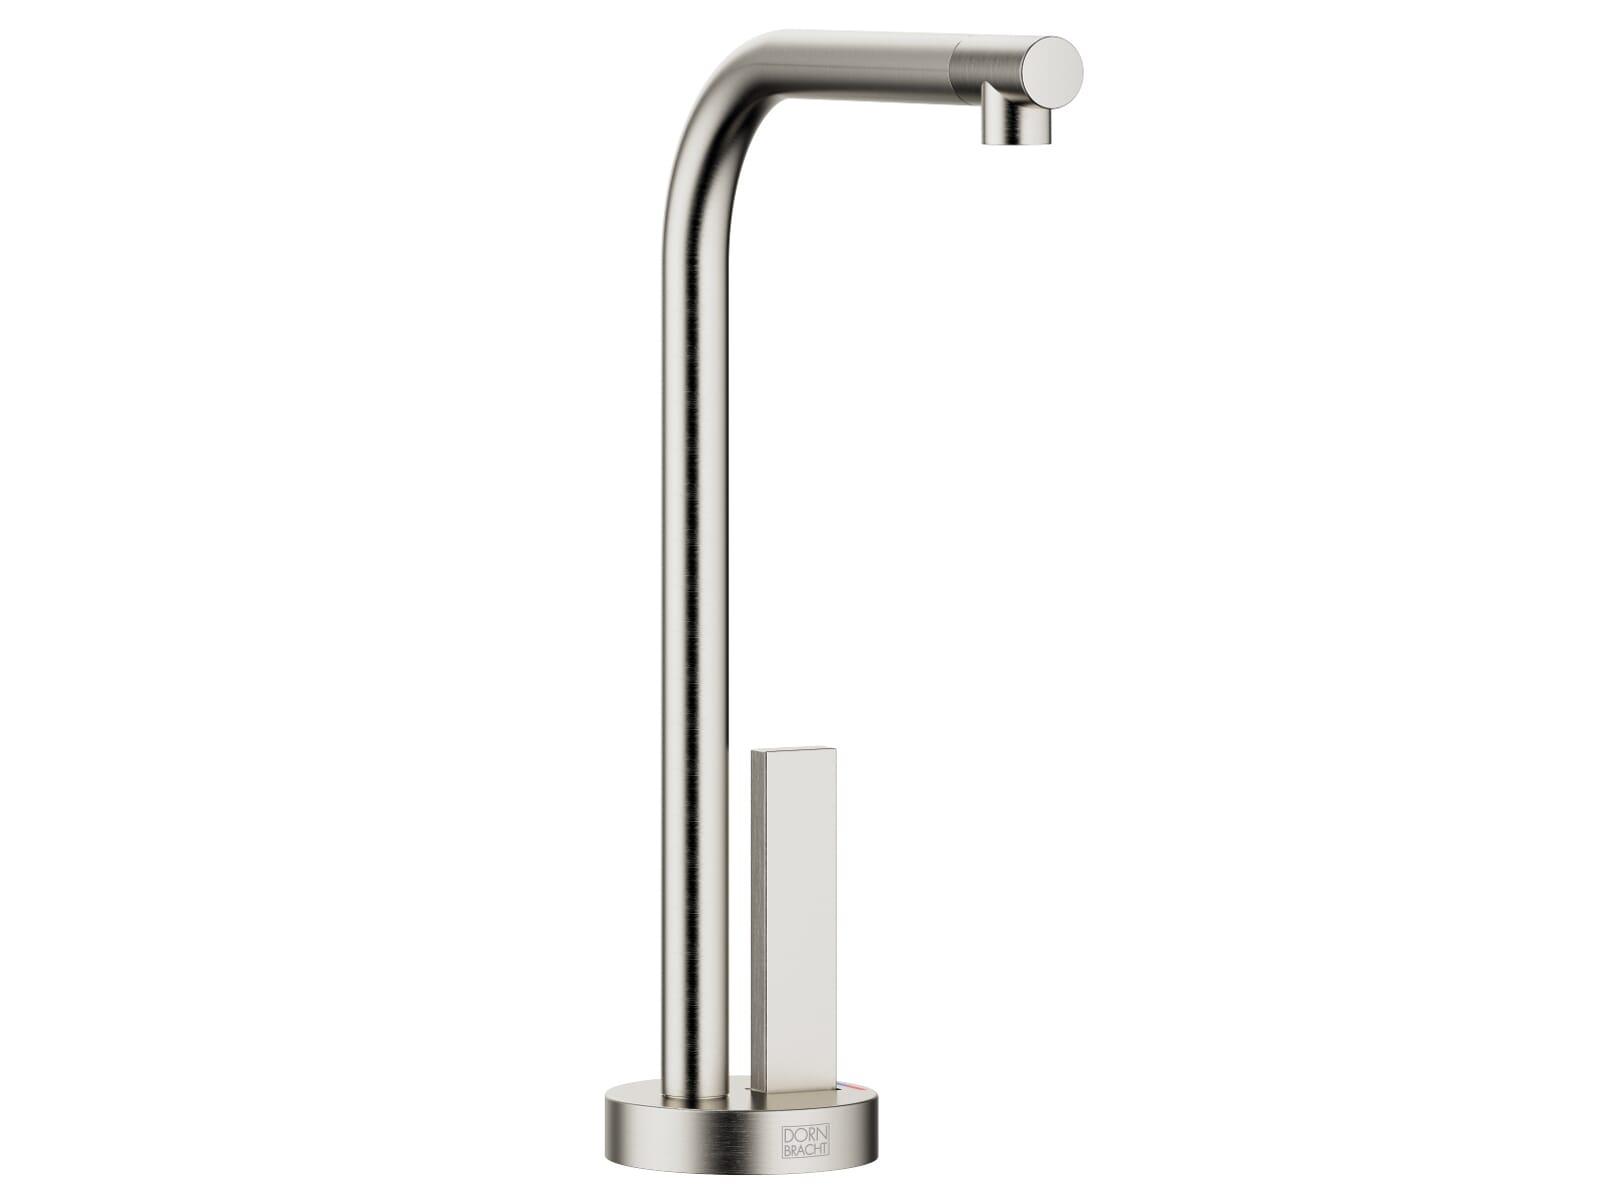 Dornbracht Elio Hot & Cold Water Dispenser Platin Matt 17 861 790-06 Hochdruckarmatur